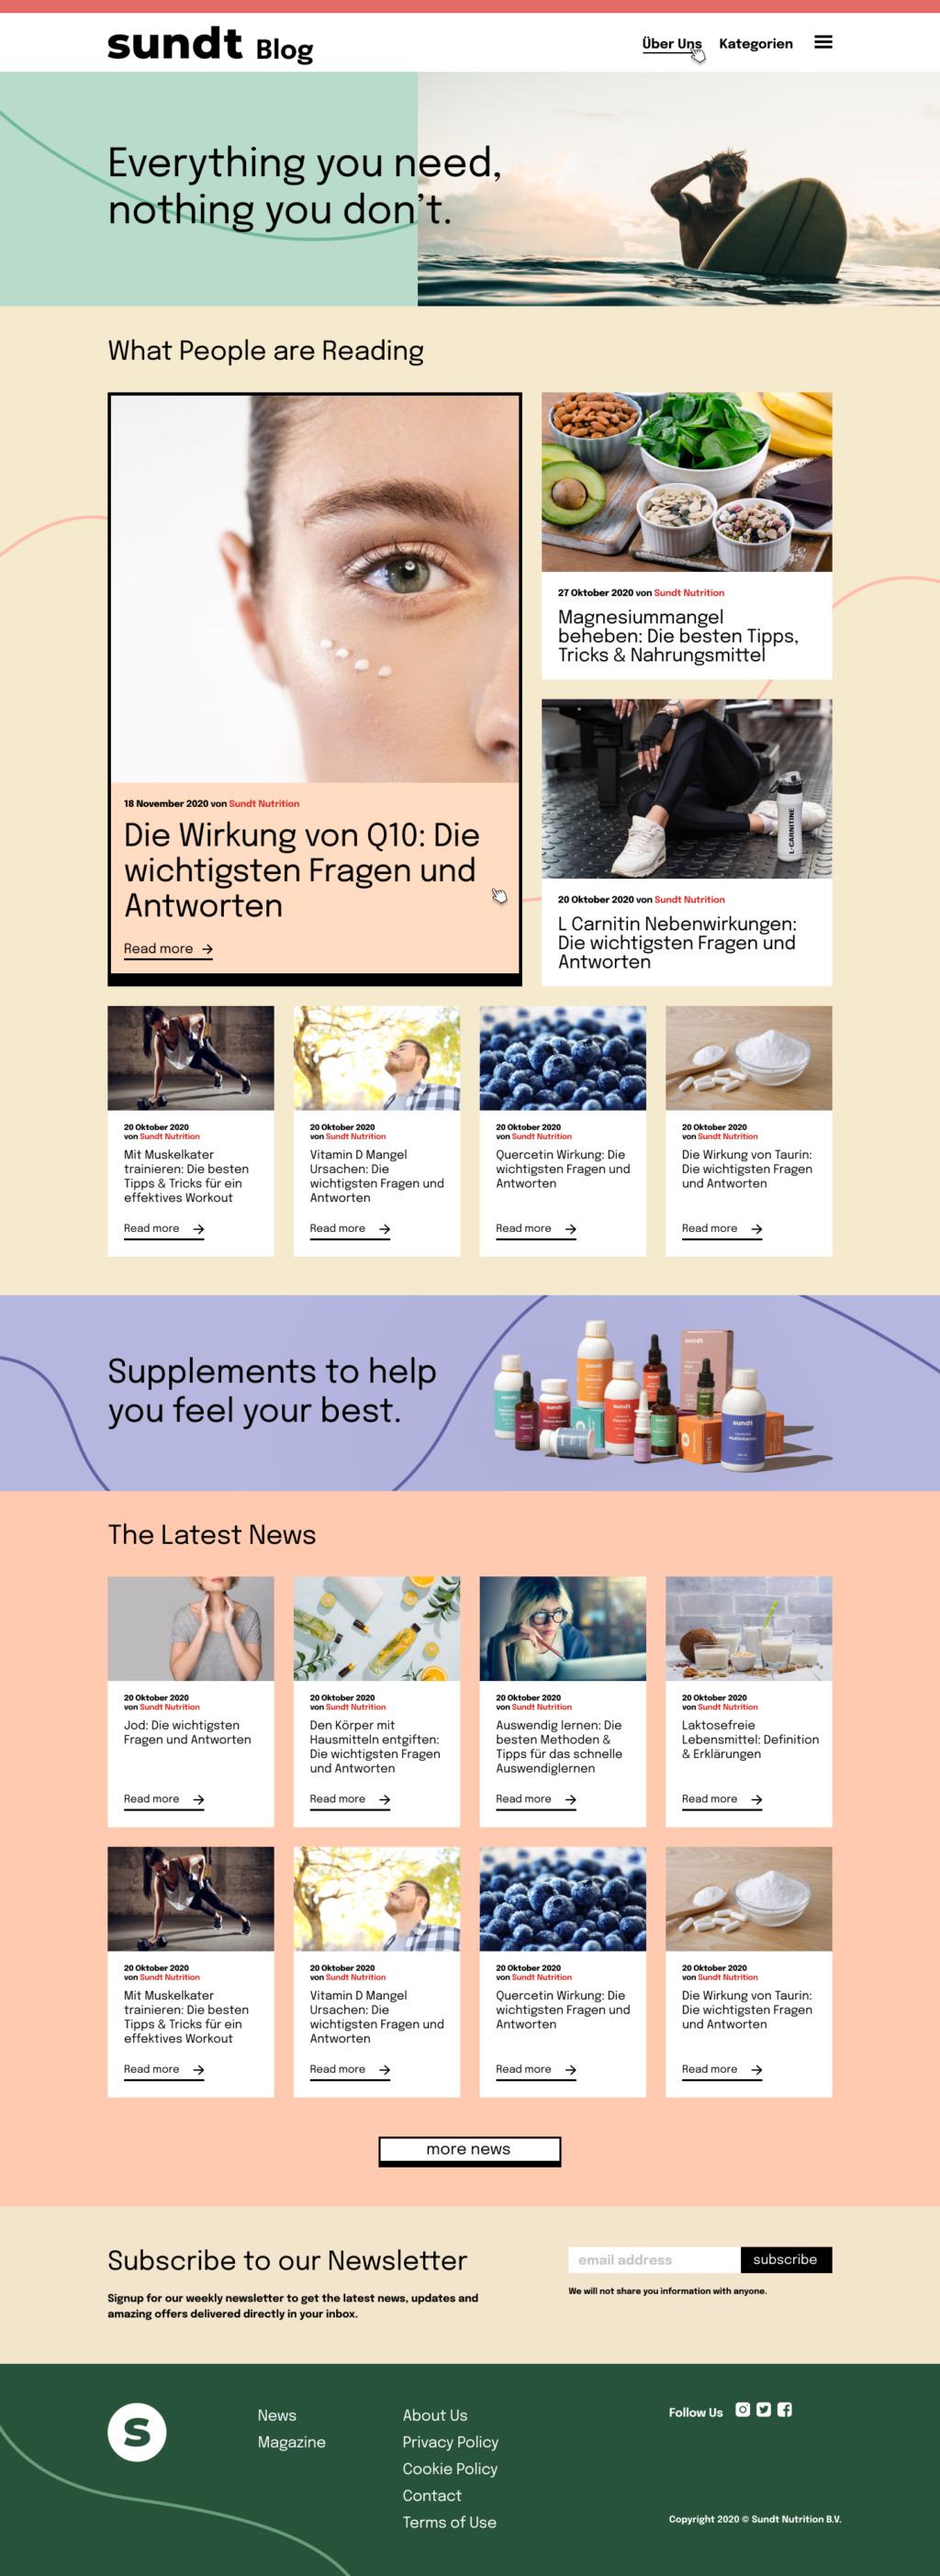 Sundt Blog homepage design